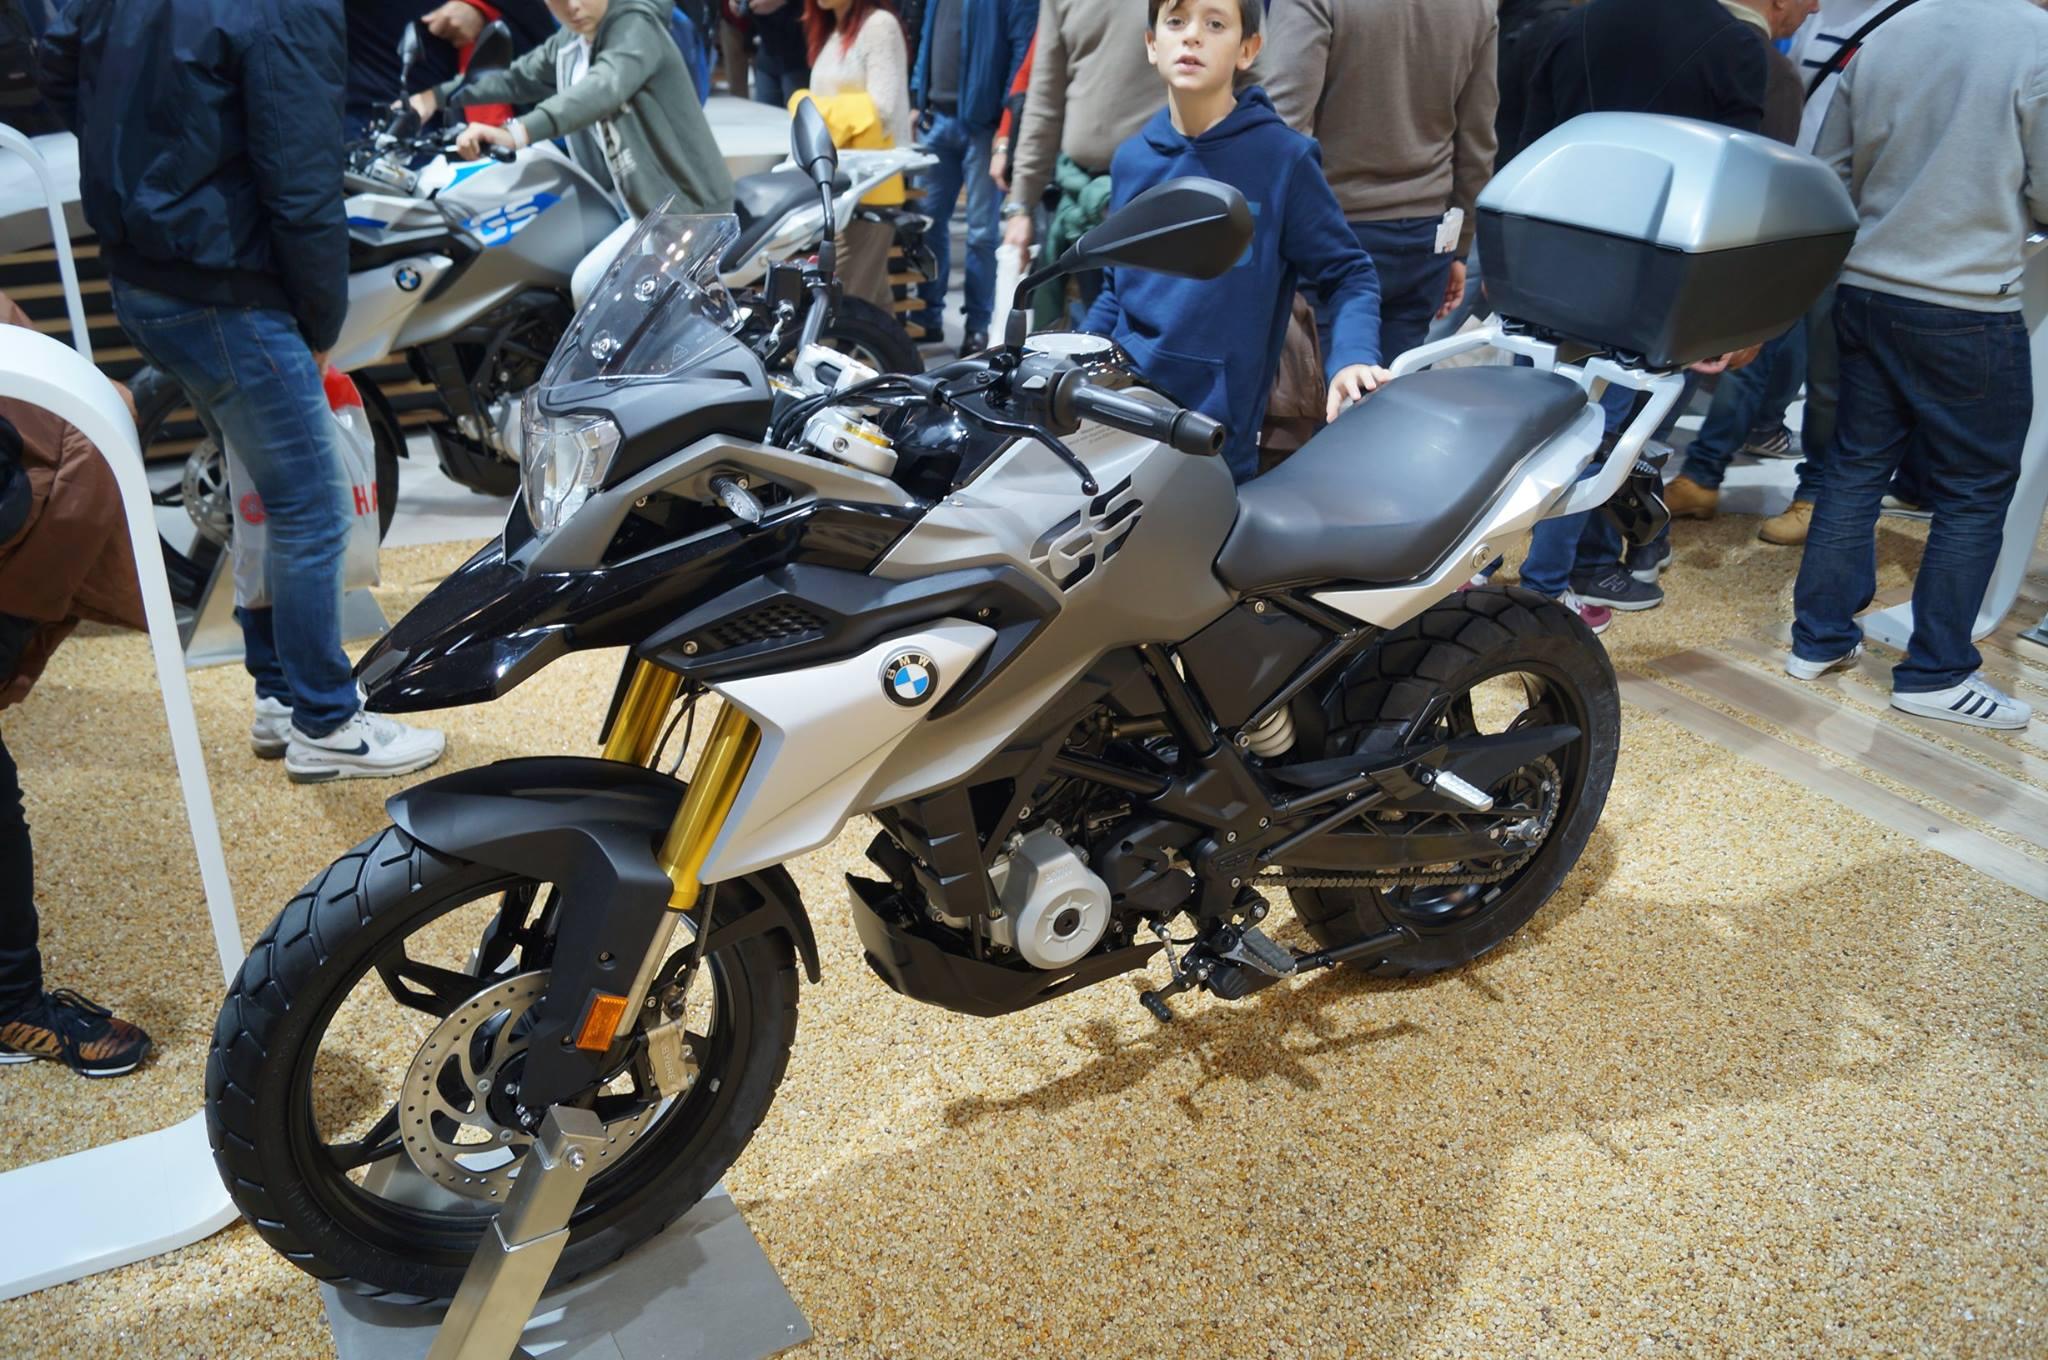 bmw_g310gs_motocyklicznie